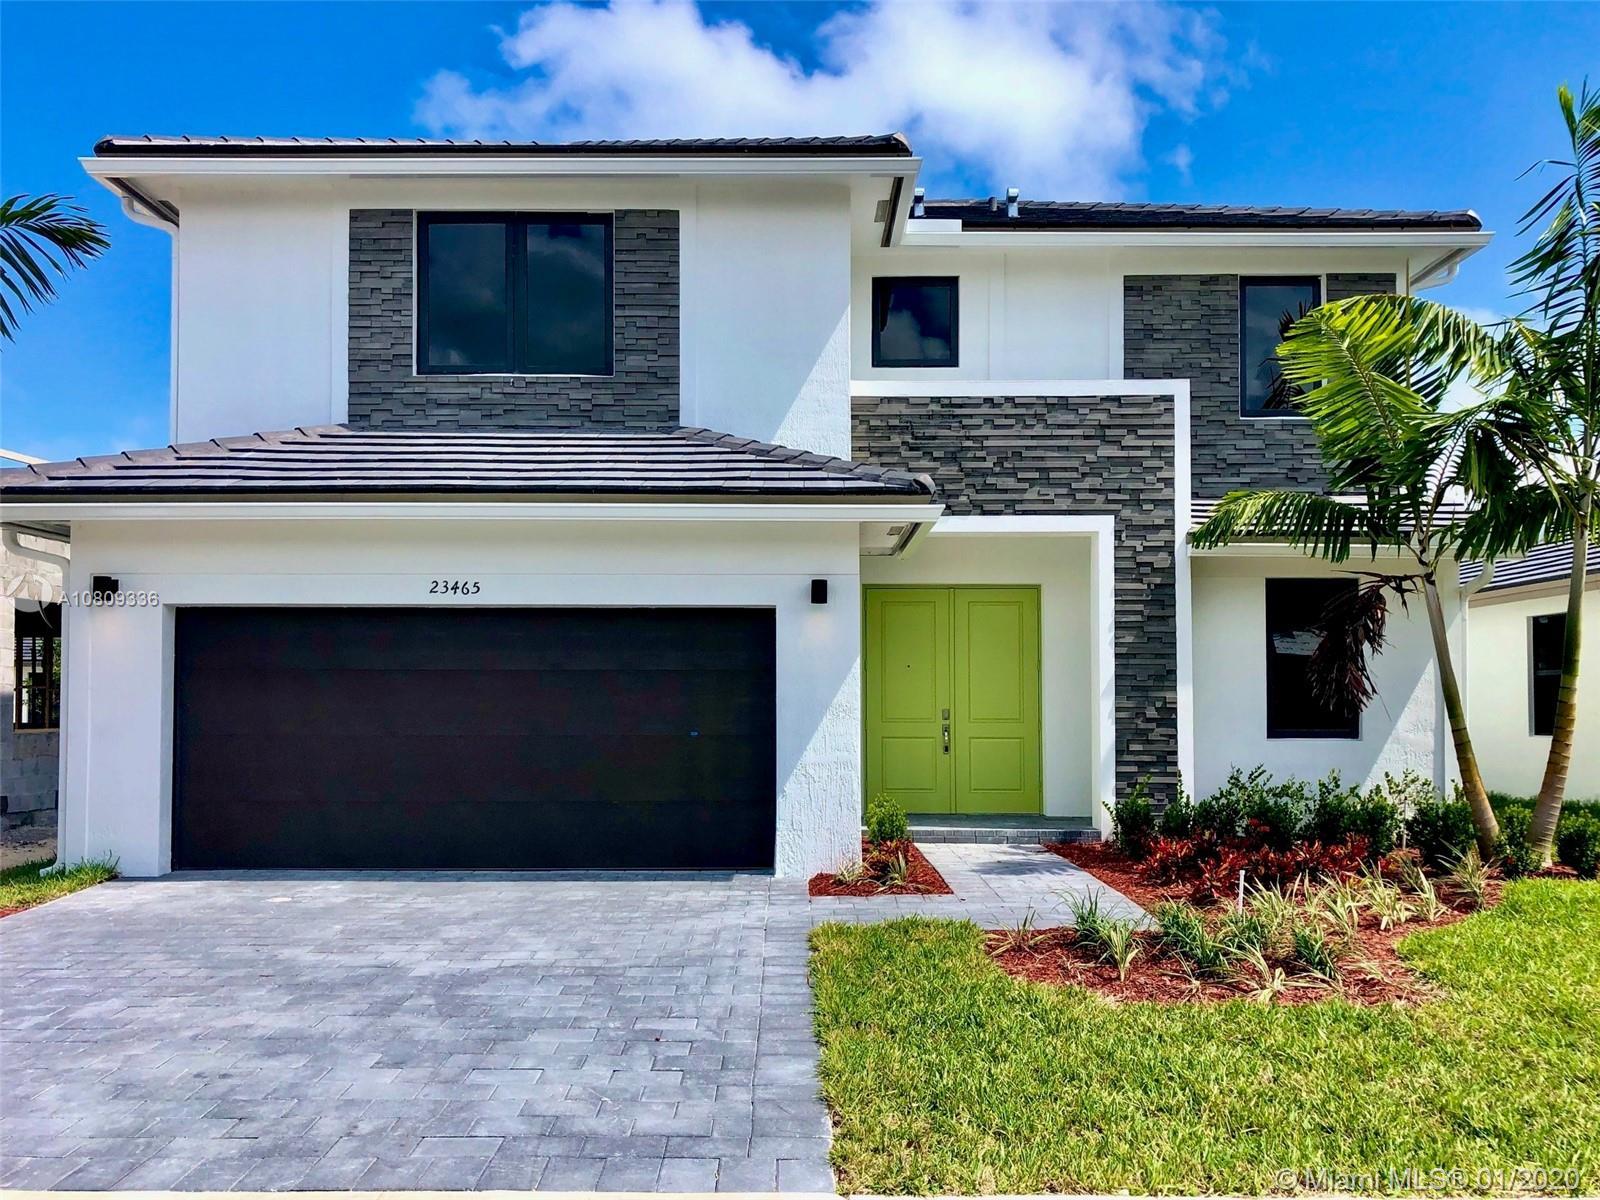 23357 SW 107th Place, Miami, FL 33032 - Miami, FL real estate listing